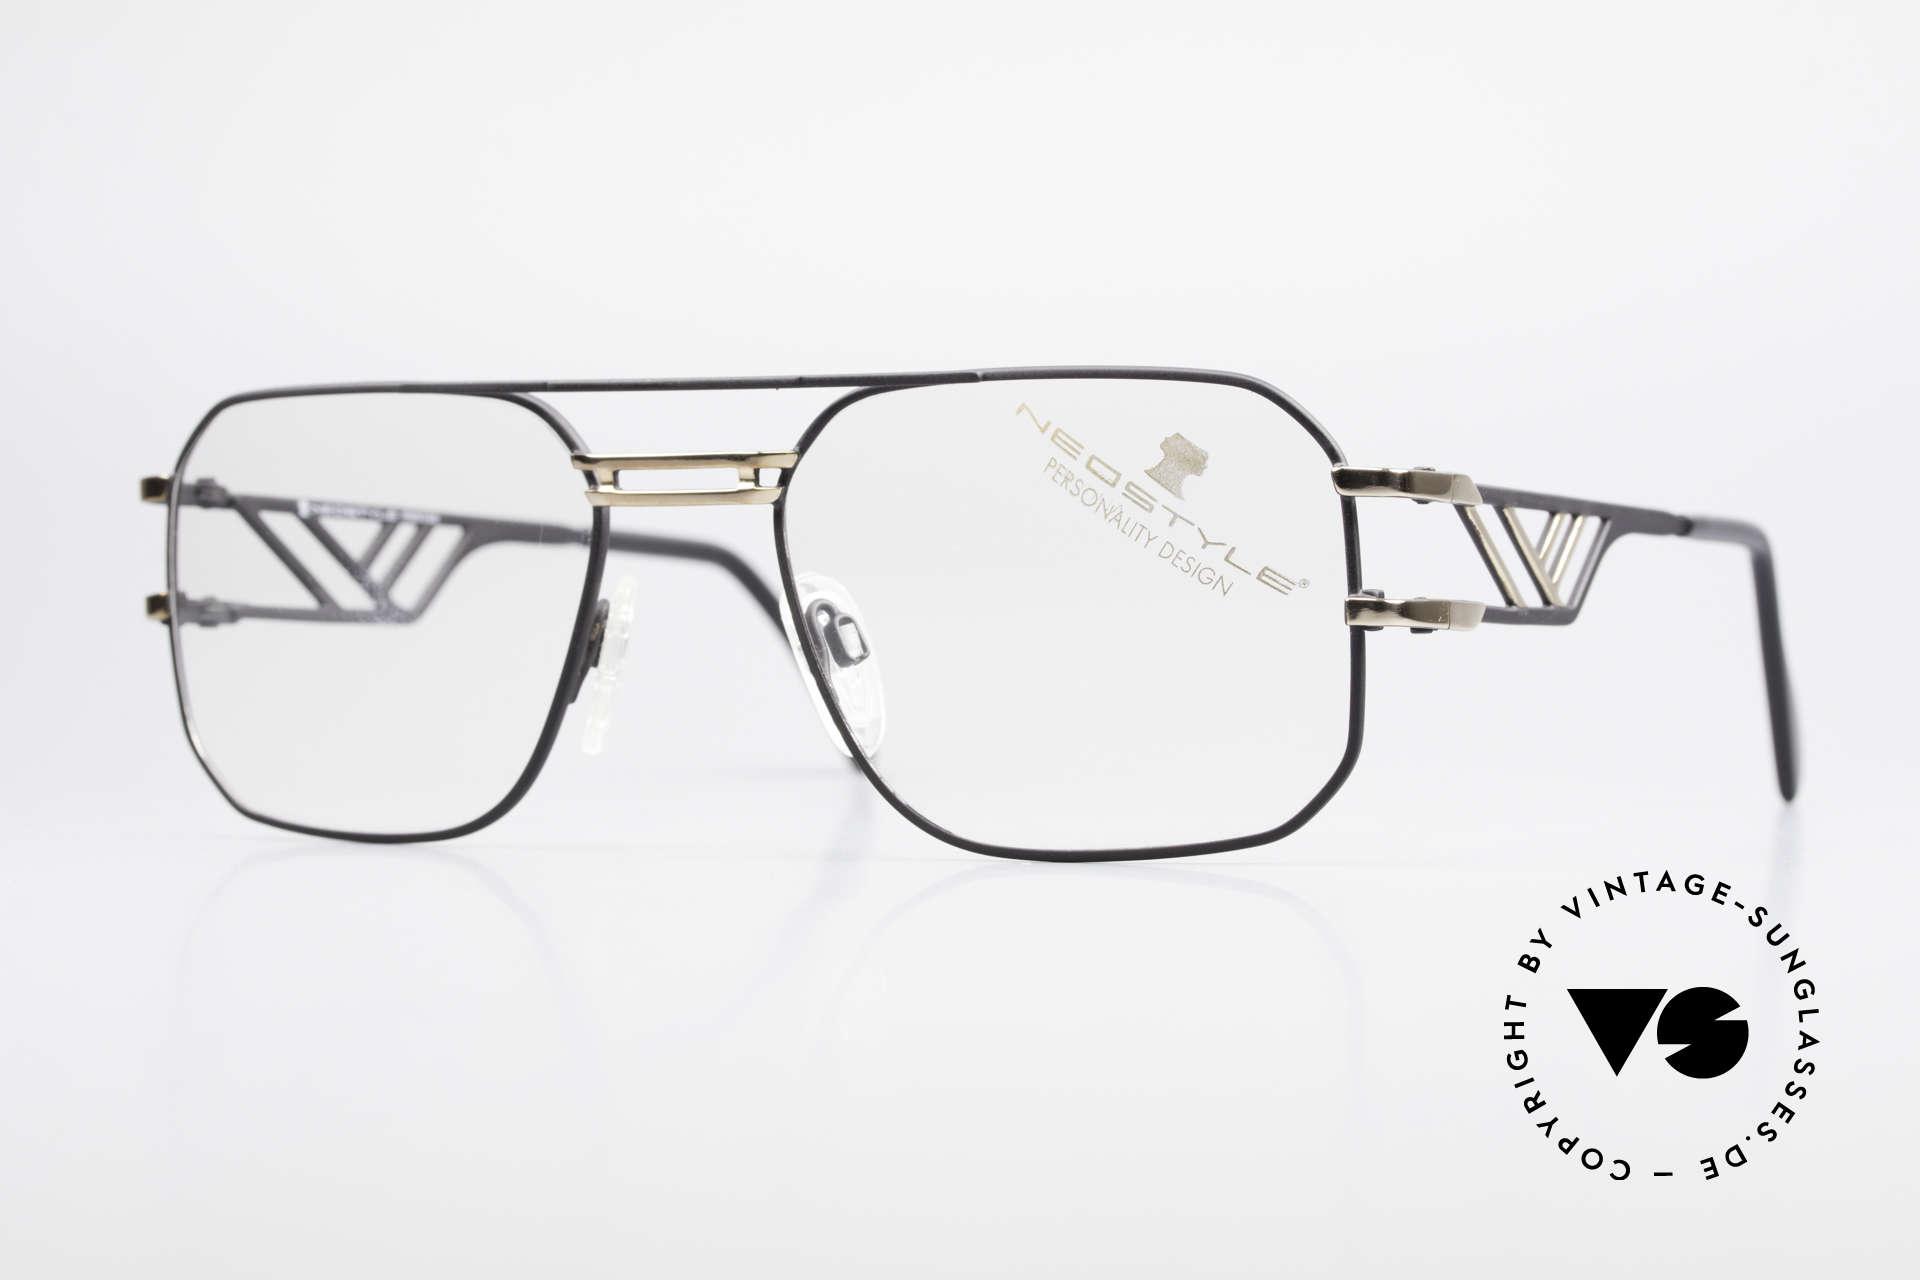 Neostyle Boutique 306 Champion Vintage Brille 80er, monumentale 80er vintage Neostyle Brille, Passend für Herren